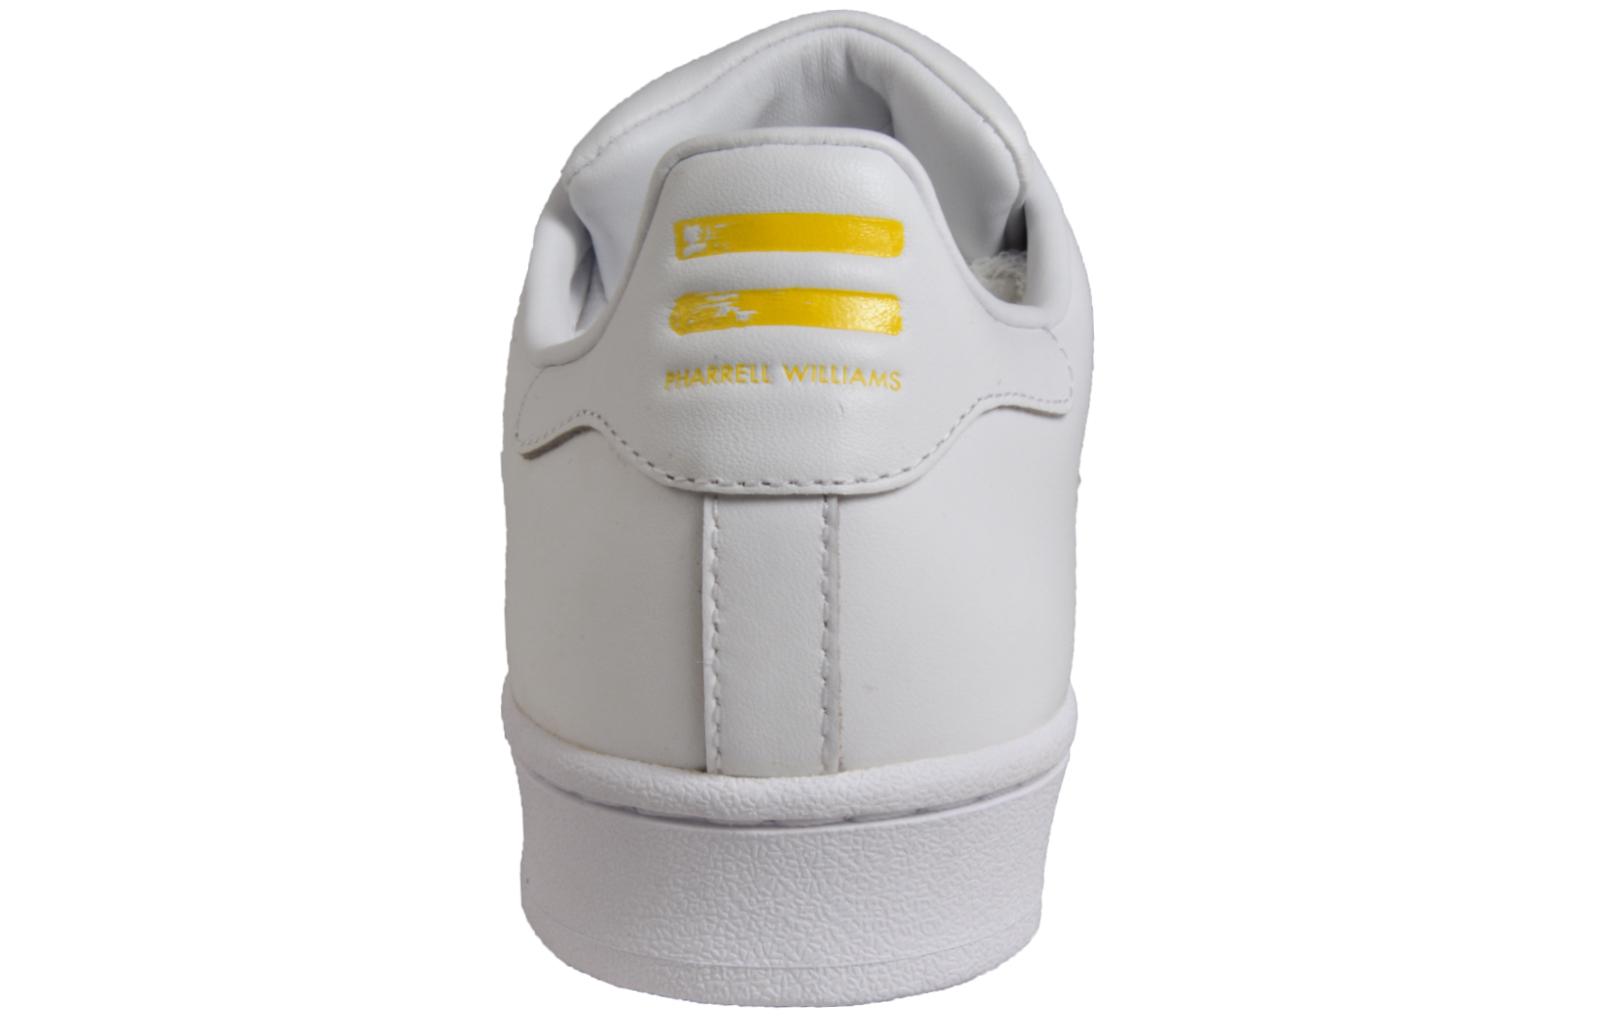 50e698440c8 Adidas Originals Superstar Pharrell Williams Men s Leather Retro Trainers  White